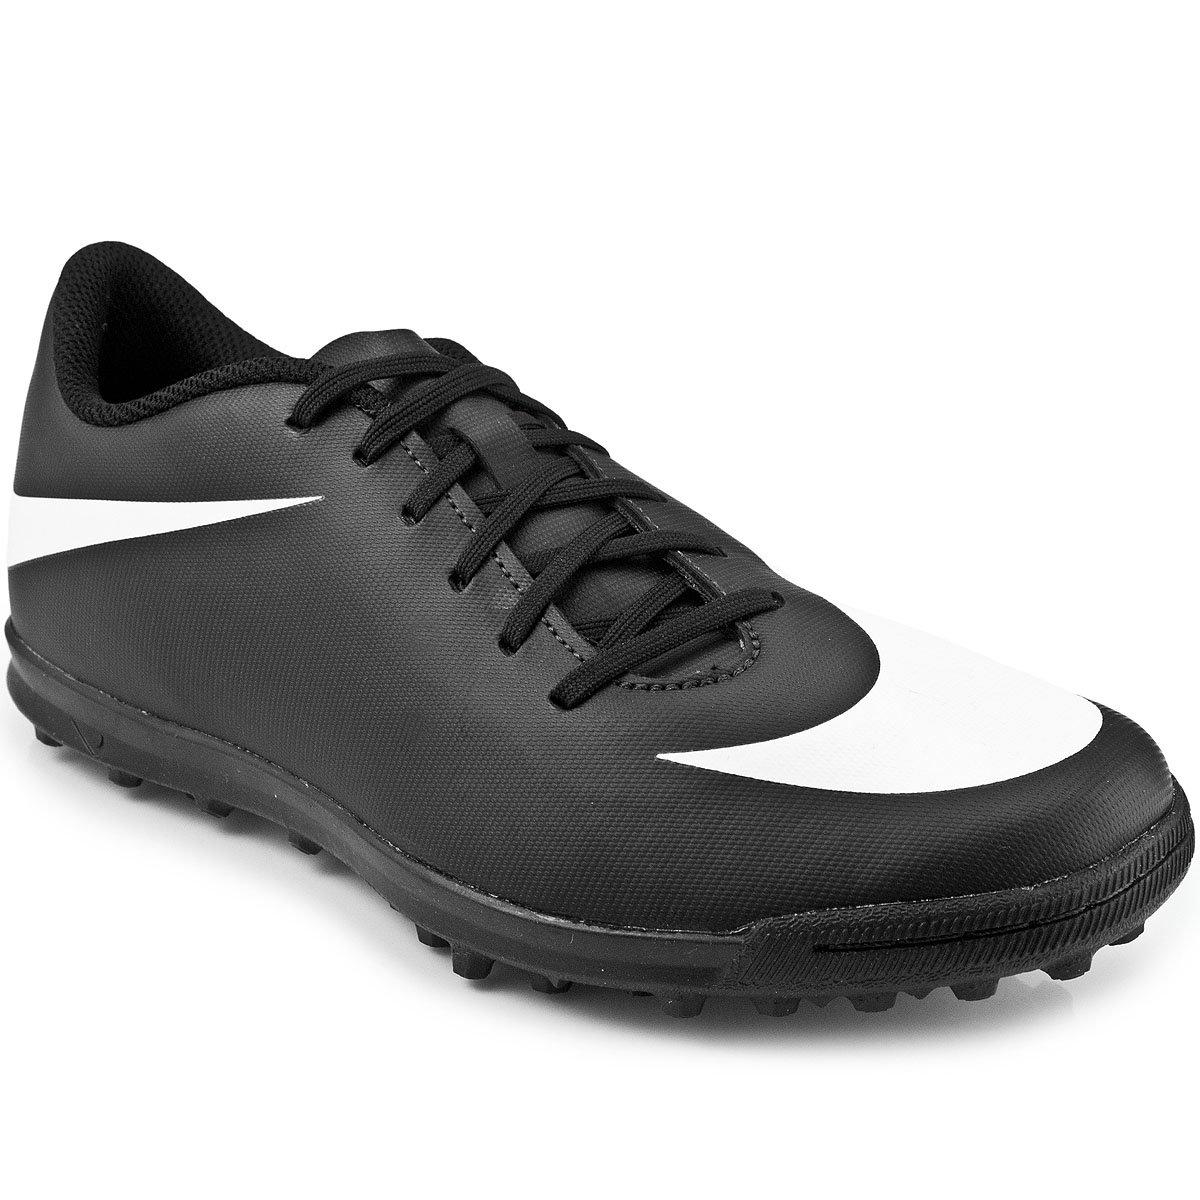 Chuteira Nike Bravata II TF  3b5357f49d3f0